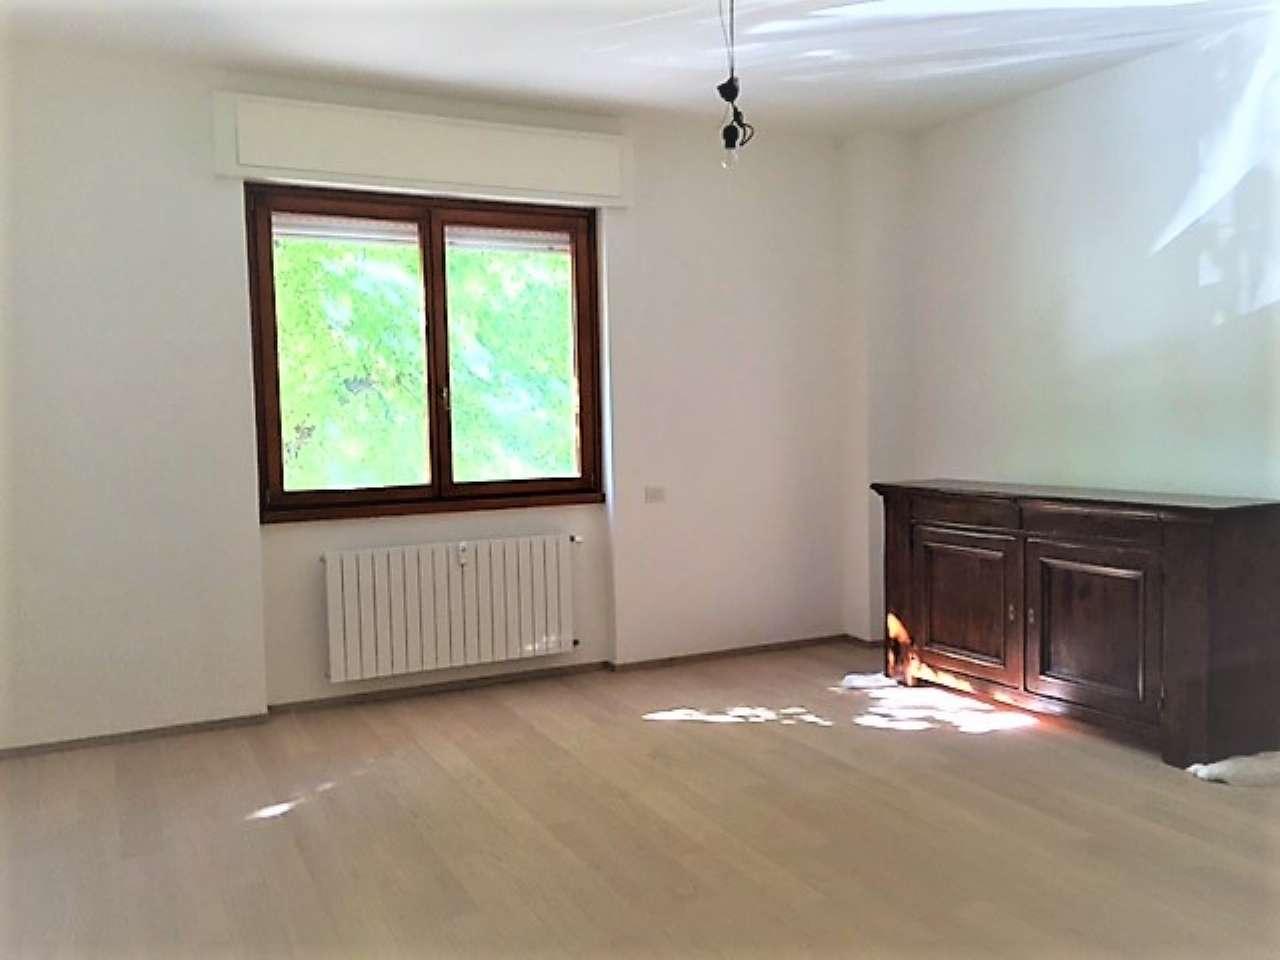 Appartamento in vendita a Lainate, 3 locali, prezzo € 250.000 | CambioCasa.it